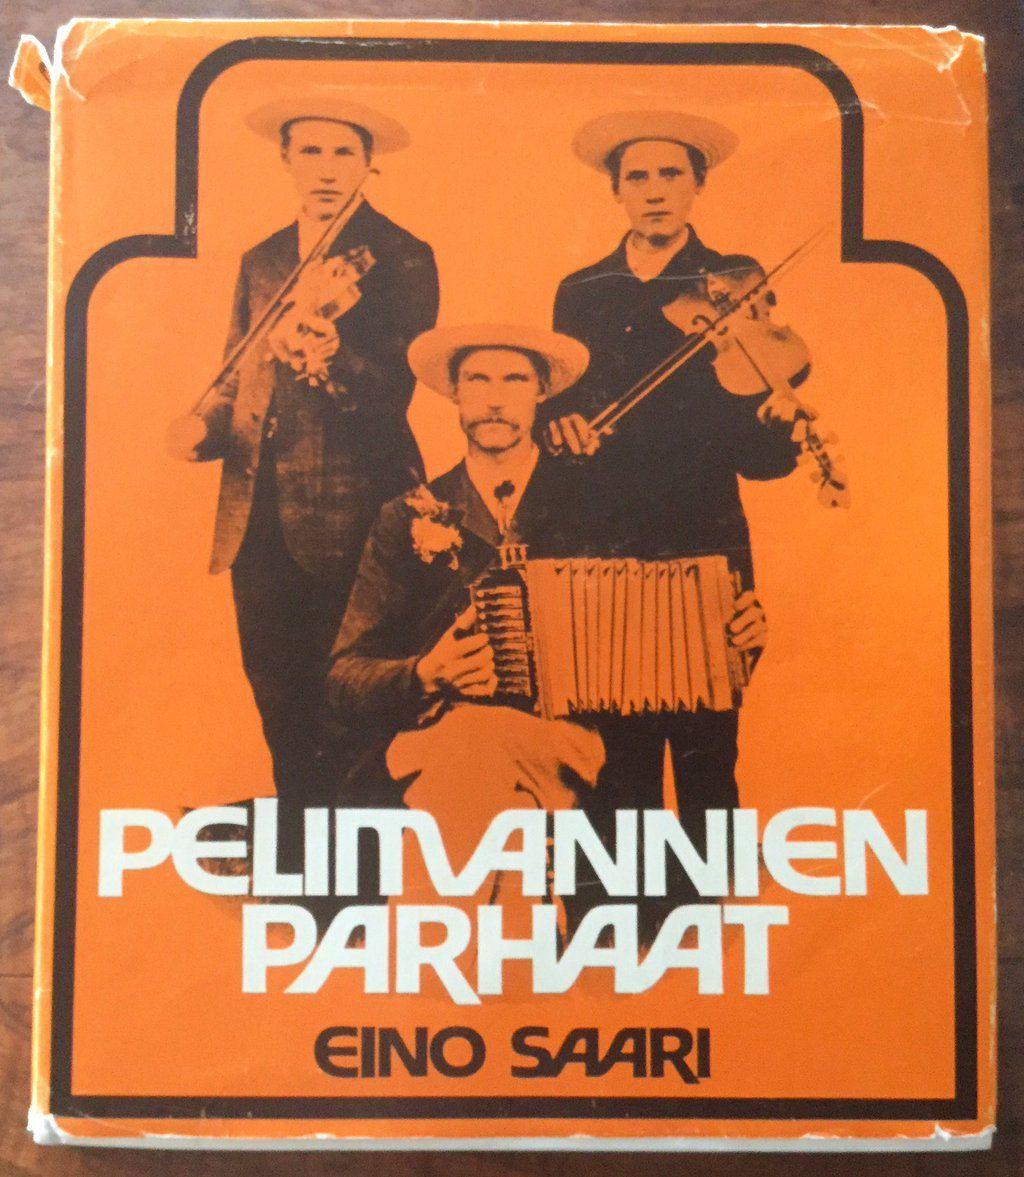 """Suvi Salo on Twitter: """"#kotikirjahylly #lempikirja #pelimannimusiikki #kansanperinne https://t.co/qdHxmVHn92"""""""